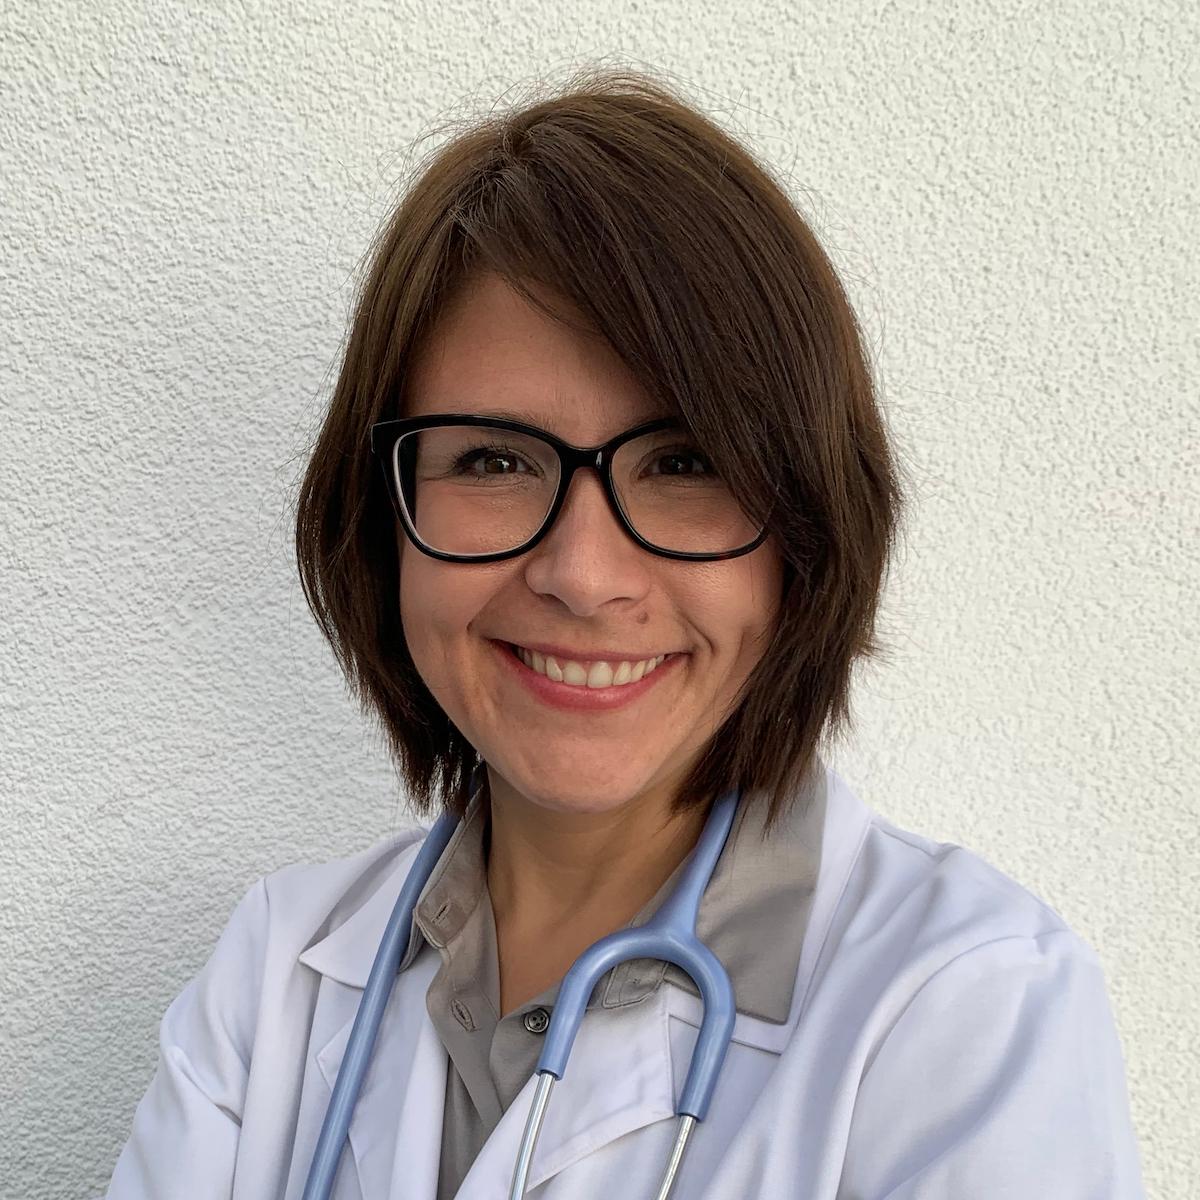 Dr. Aleksandra von der Ohe